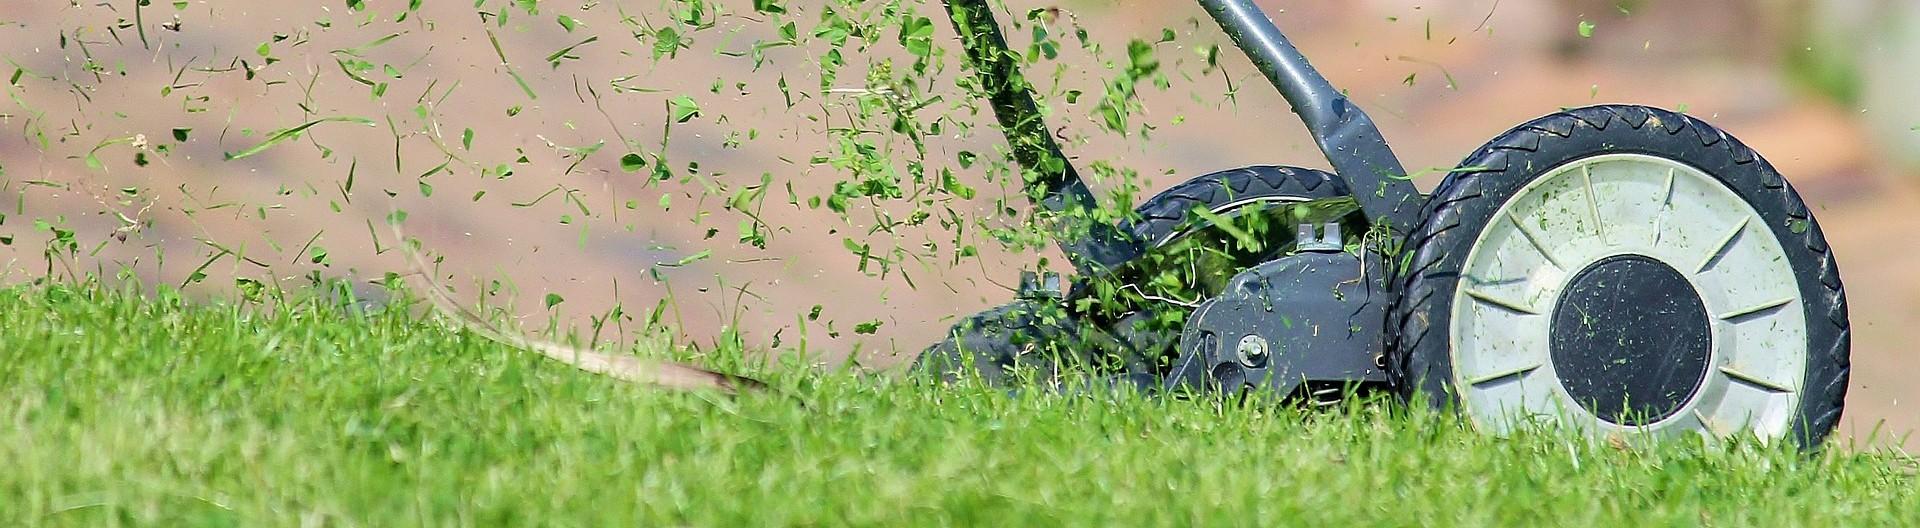 Matériel de désherbage - Green Online